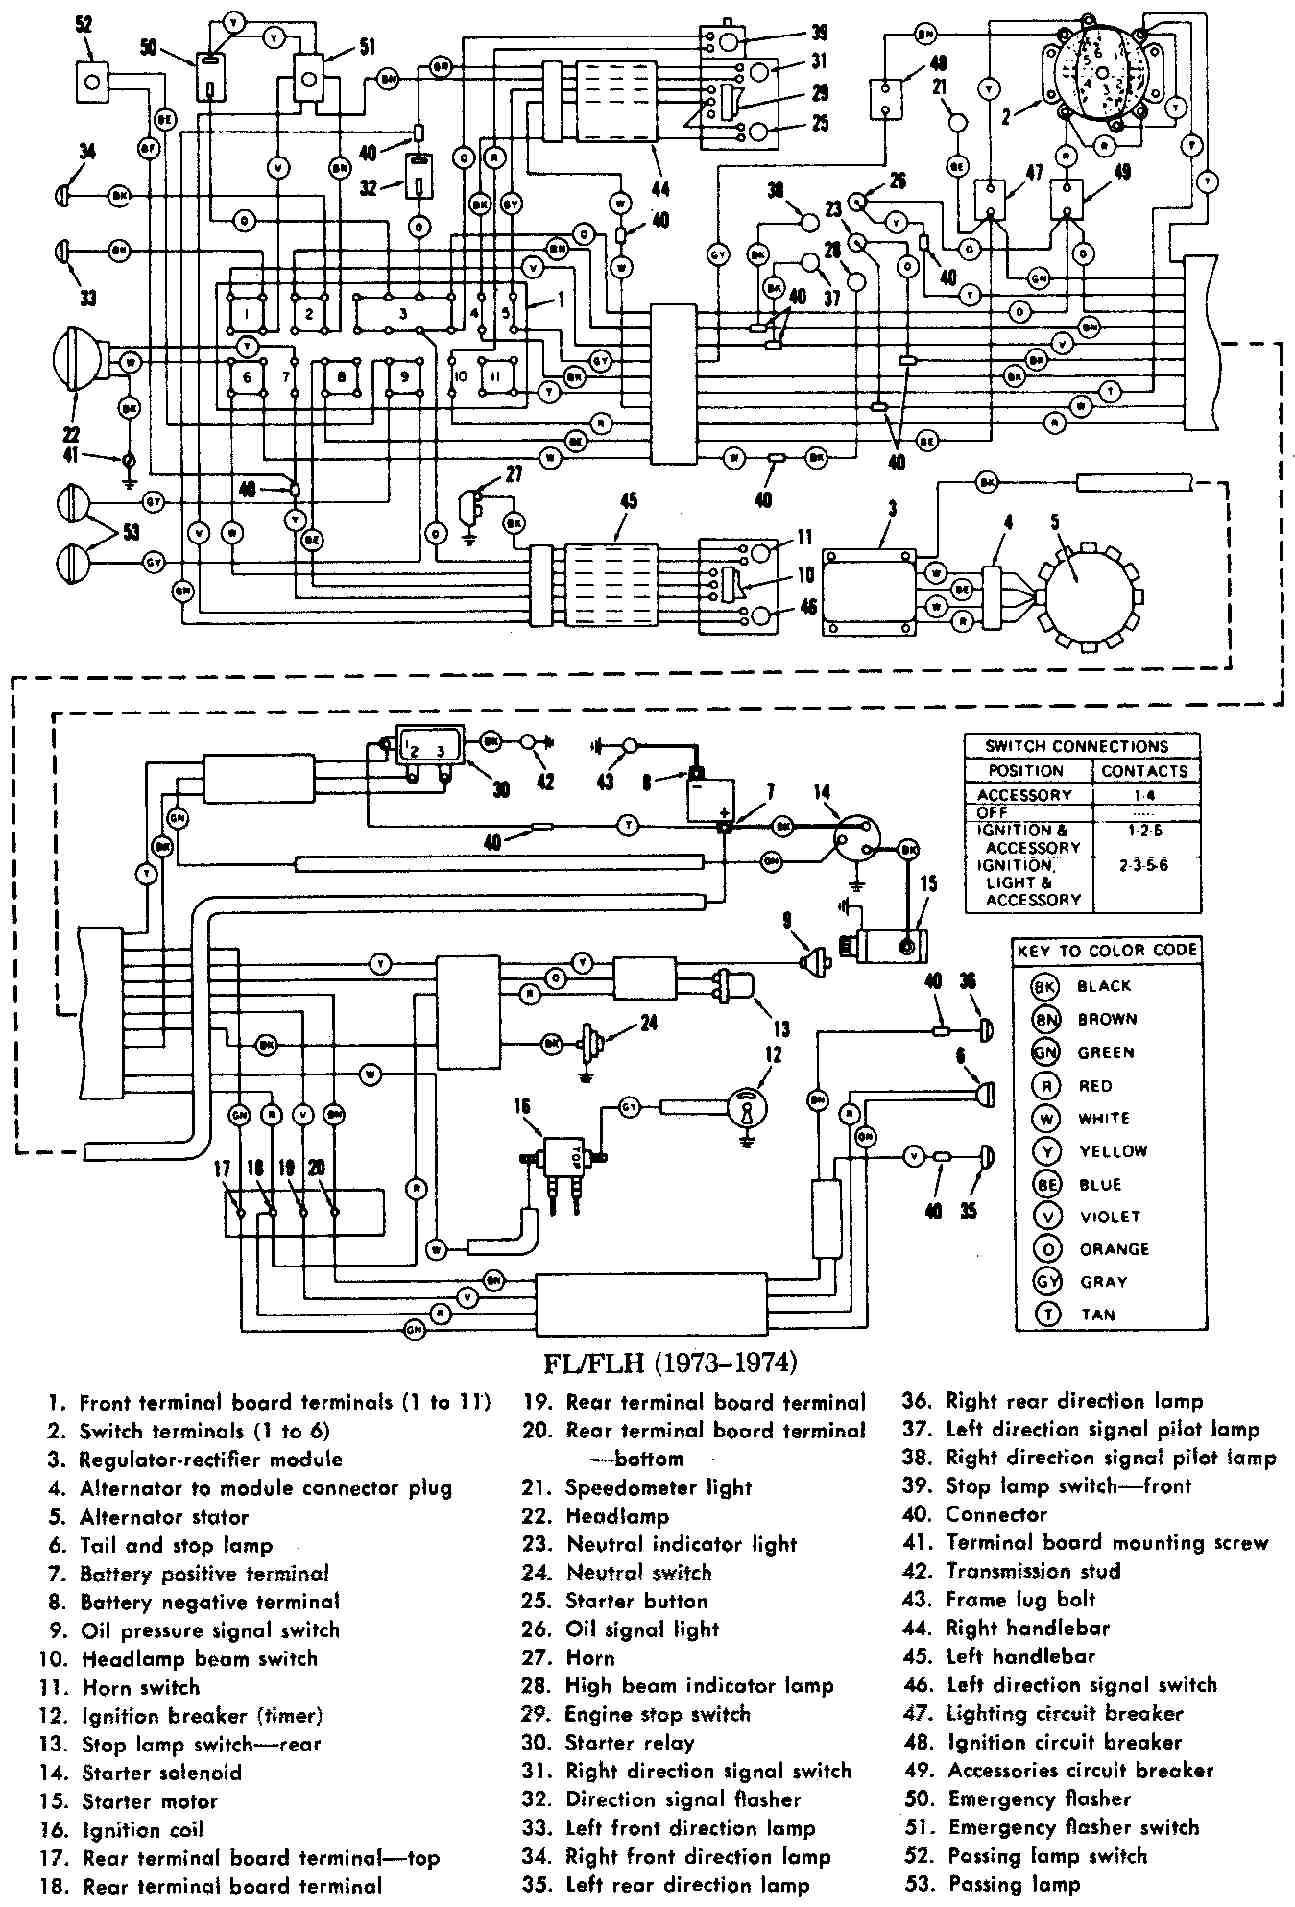 Beste 1965 Cj5 Schaltplan Bilder - Der Schaltplan - triangre.info